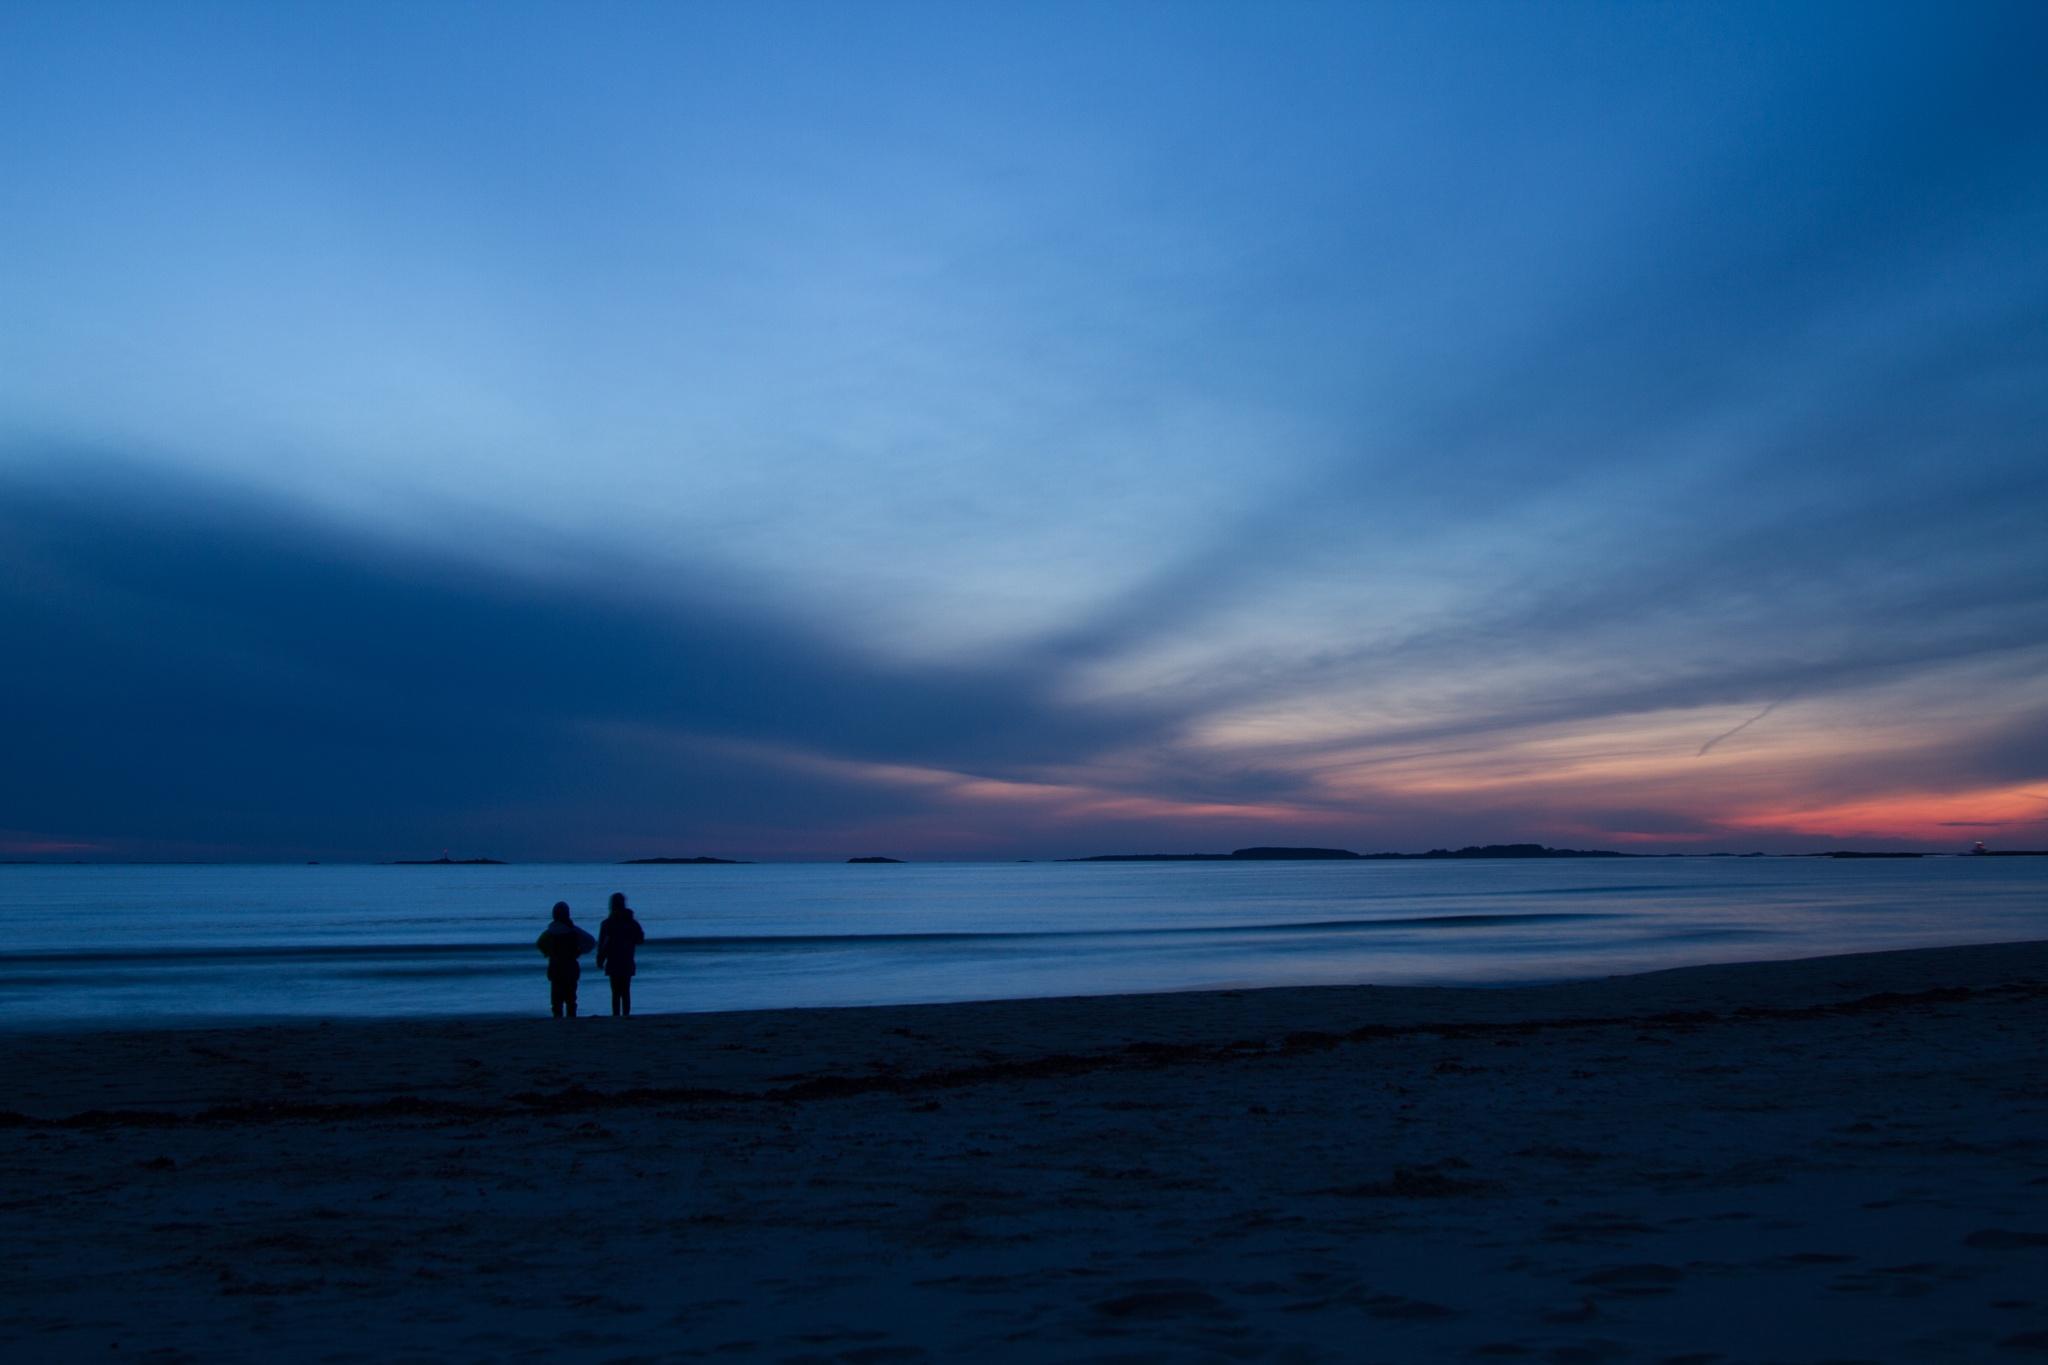 Blue sunset by KurtMisje